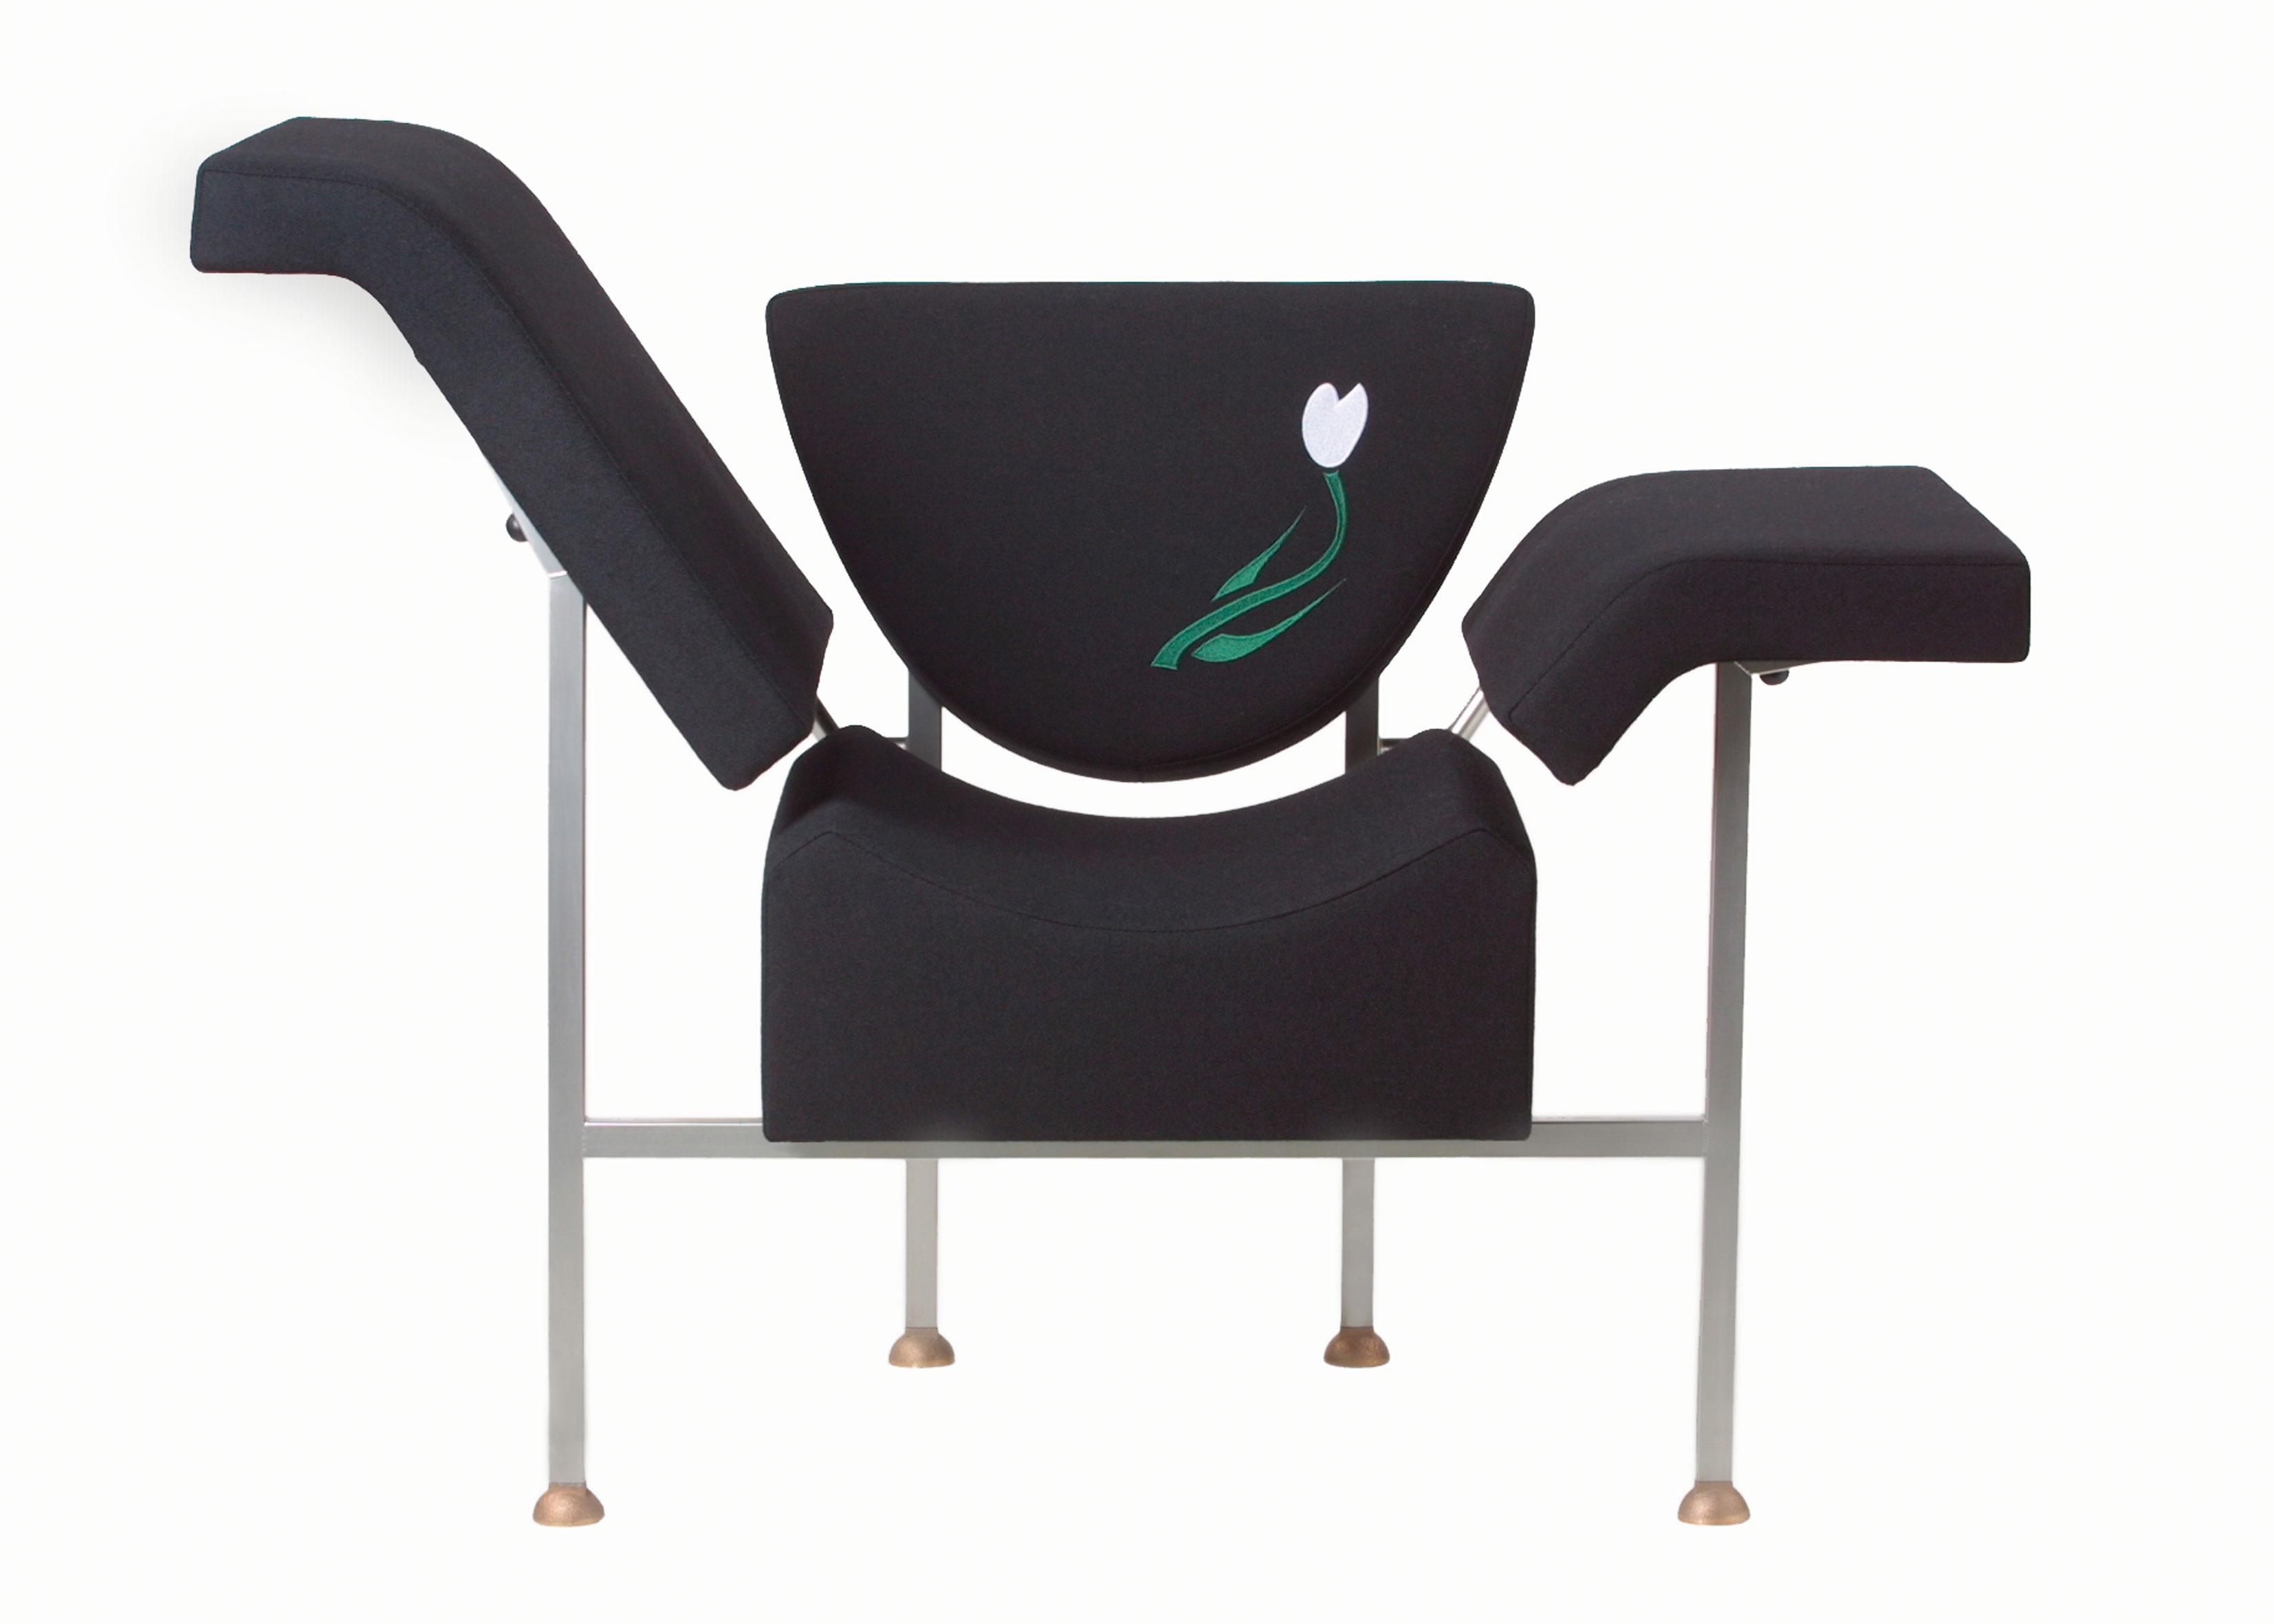 Design Stoel Klassieker : Rob eckhardt ▷ nederlandsdesign ◁